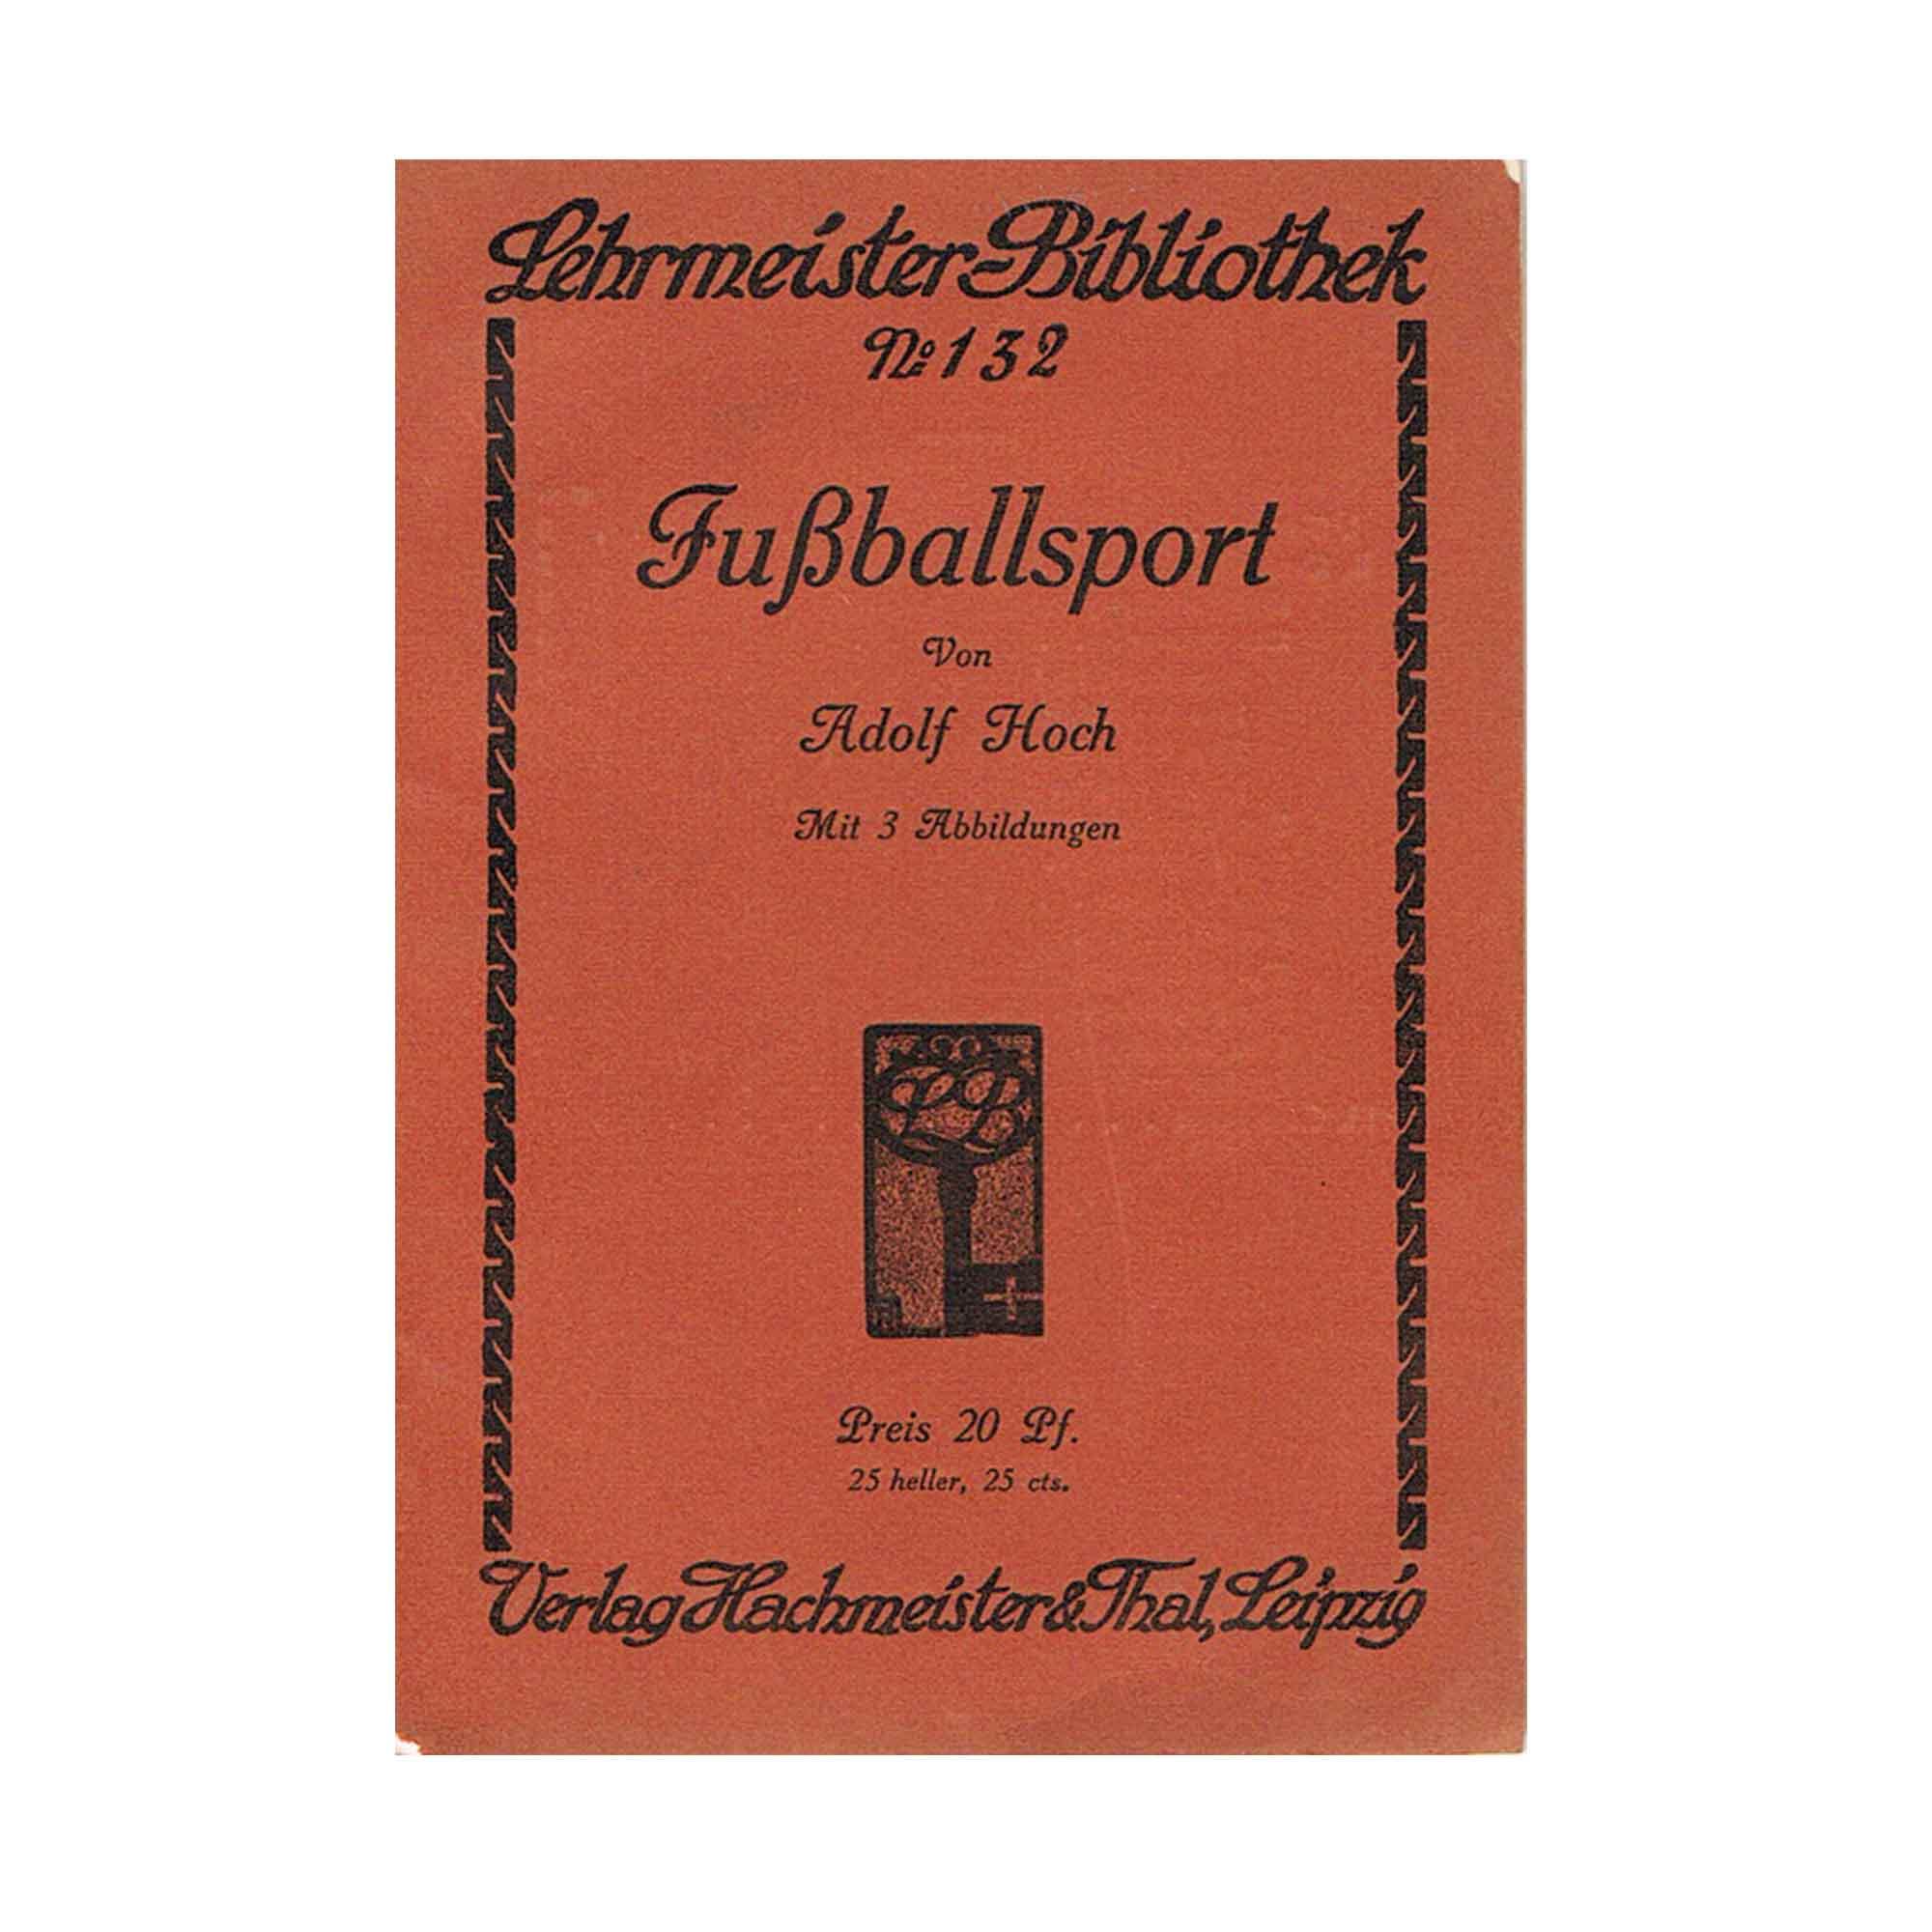 3050-Hoch-Fussballsport-1911-N.jpg